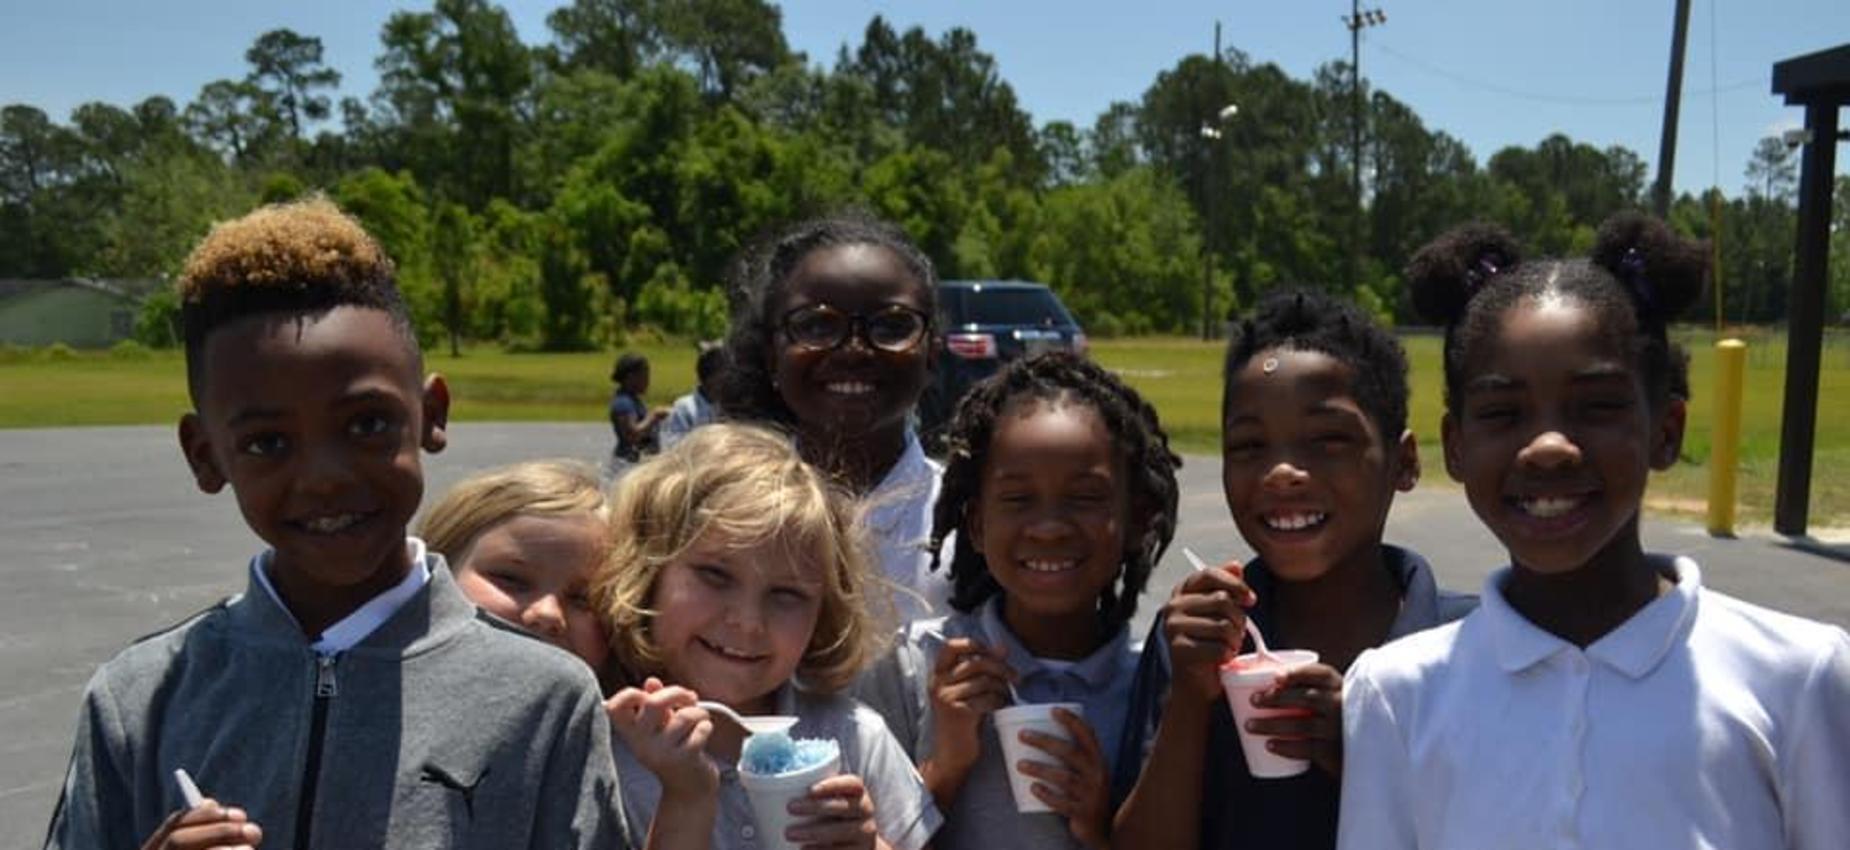 students enjoying a treat